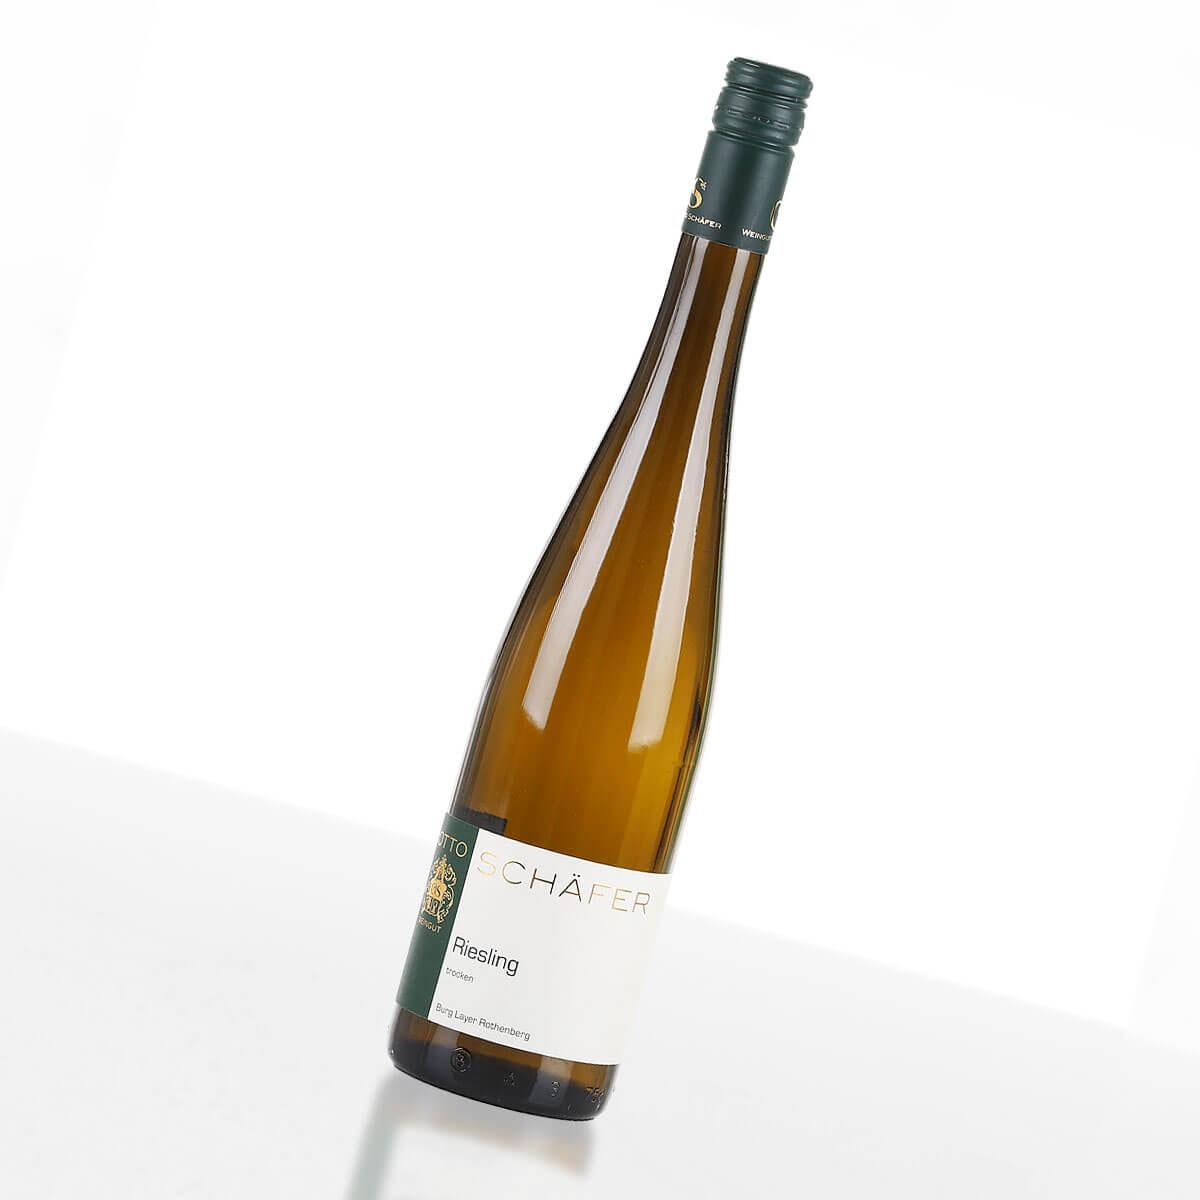 2019er Burg Layer Rothenberg Riesling trocken • Weingut Otto Schäfer